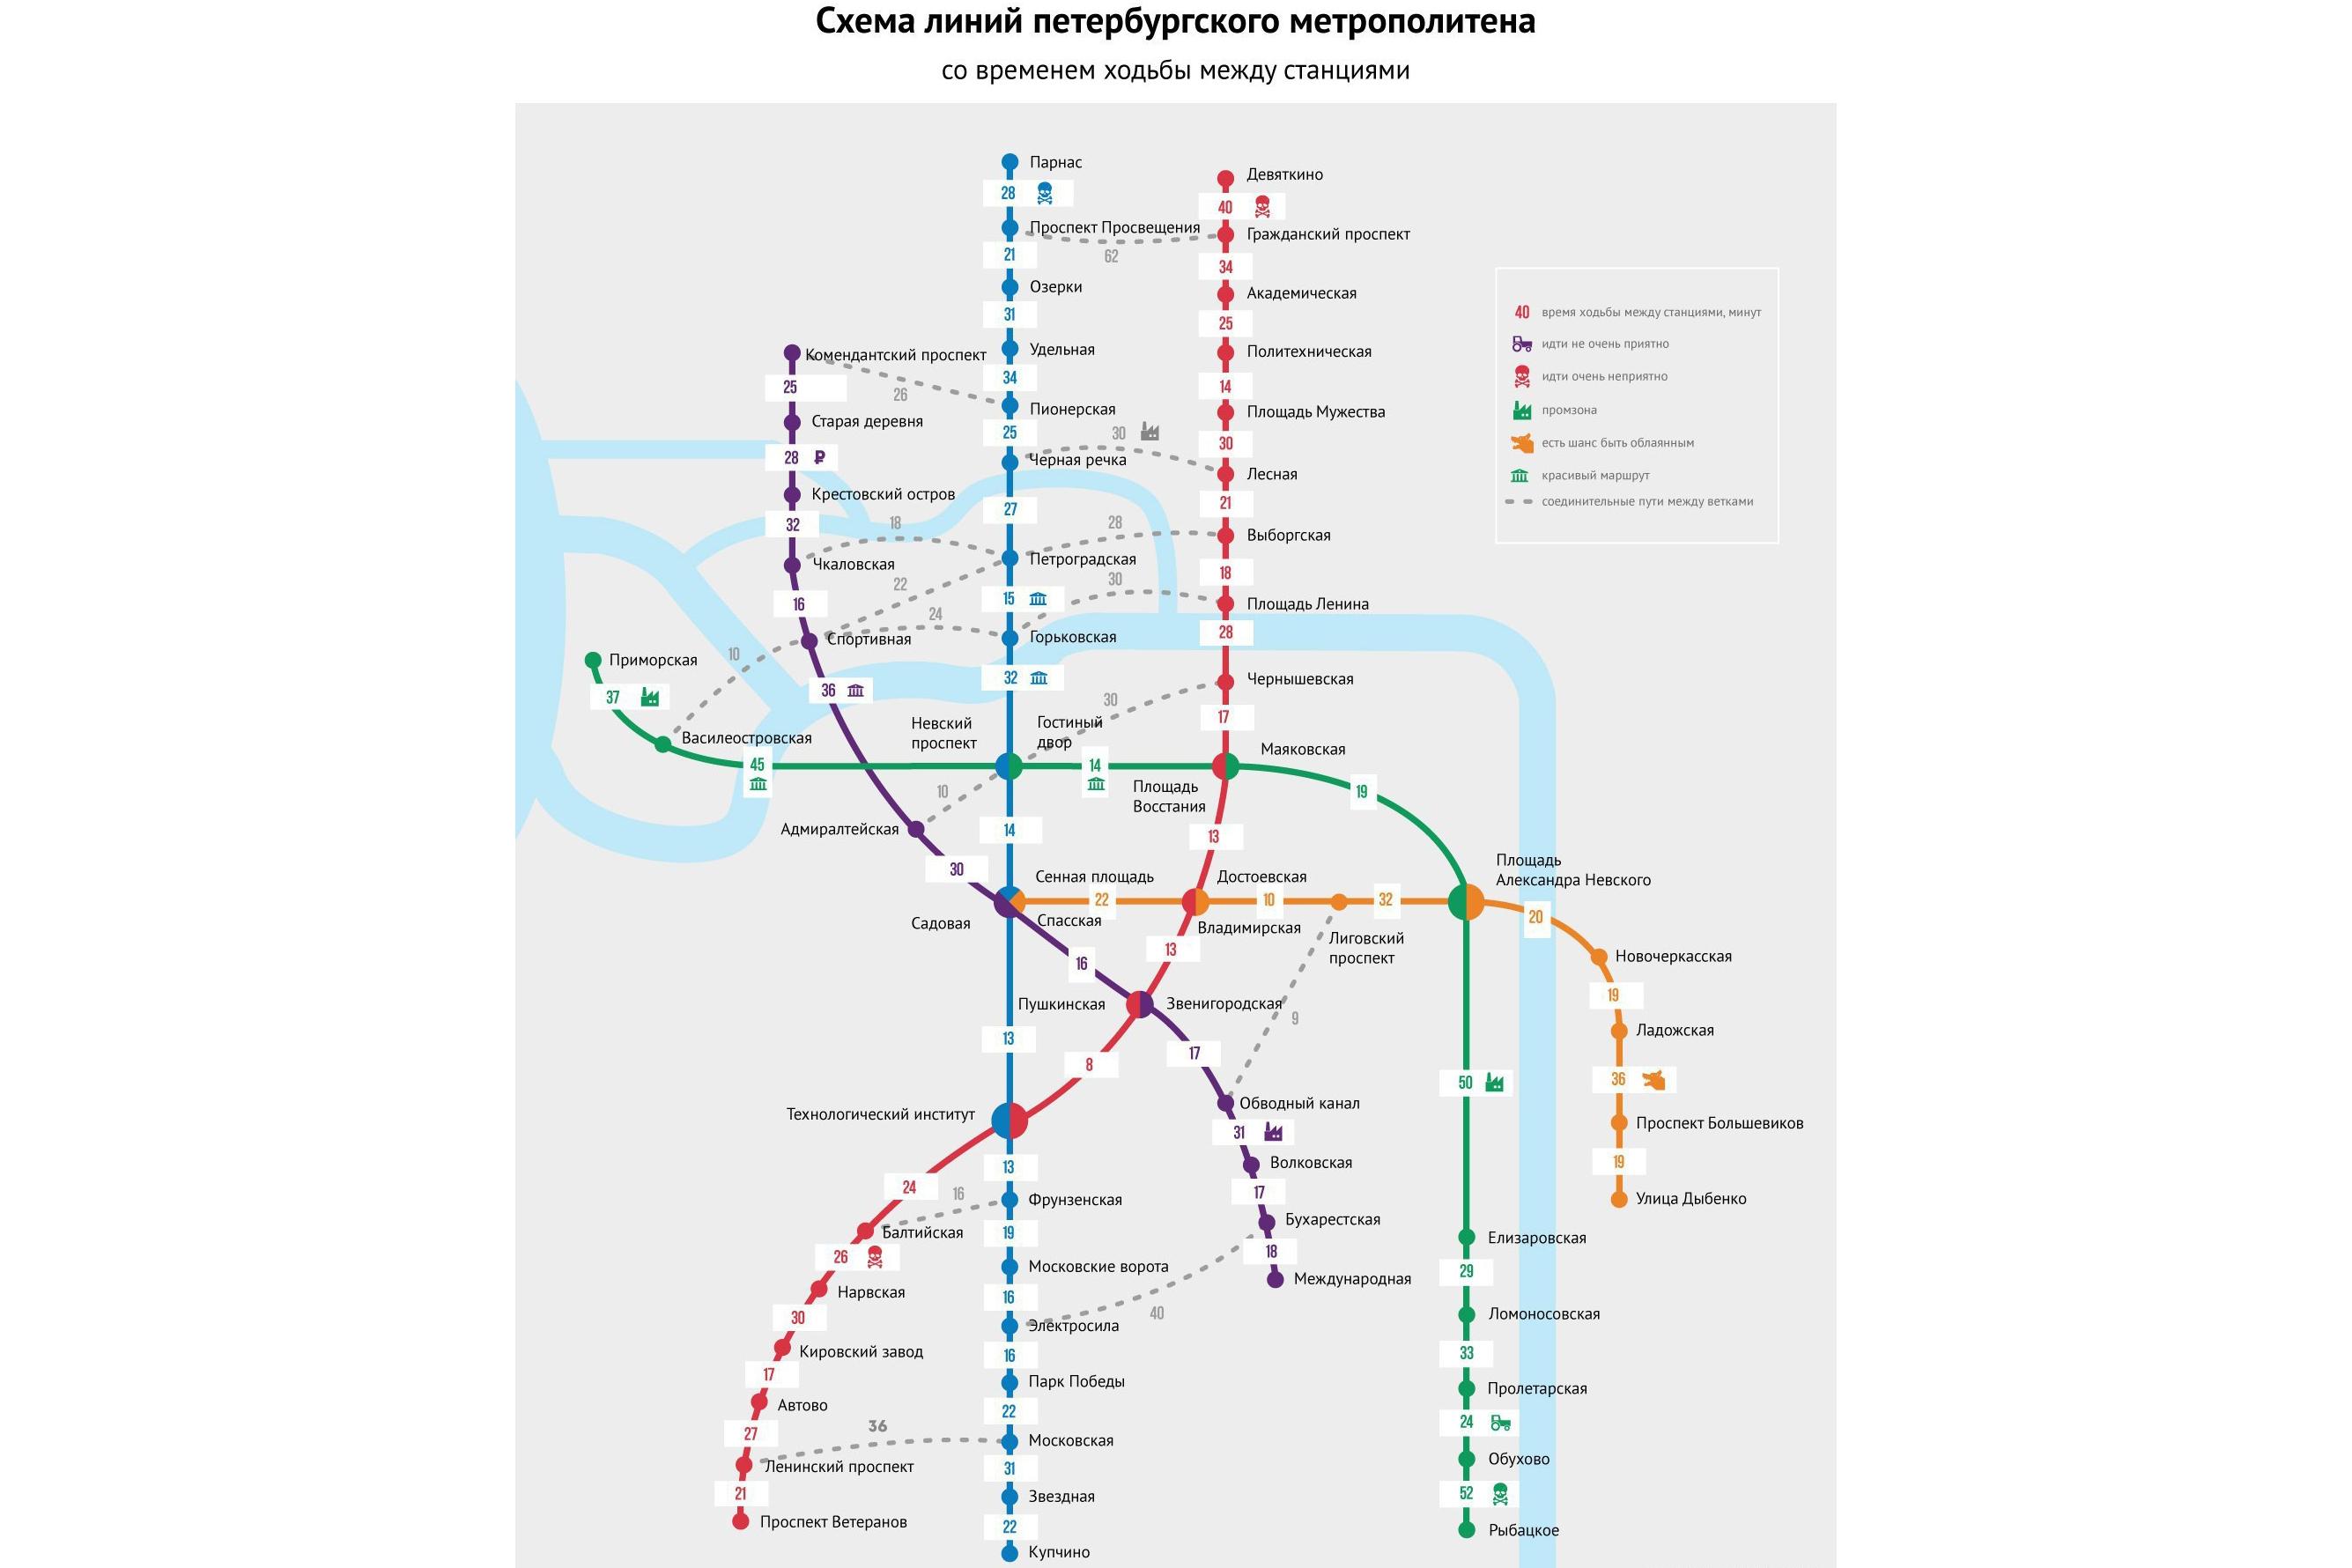 Схема метро и мцк москвы с расчетом времени в пути.